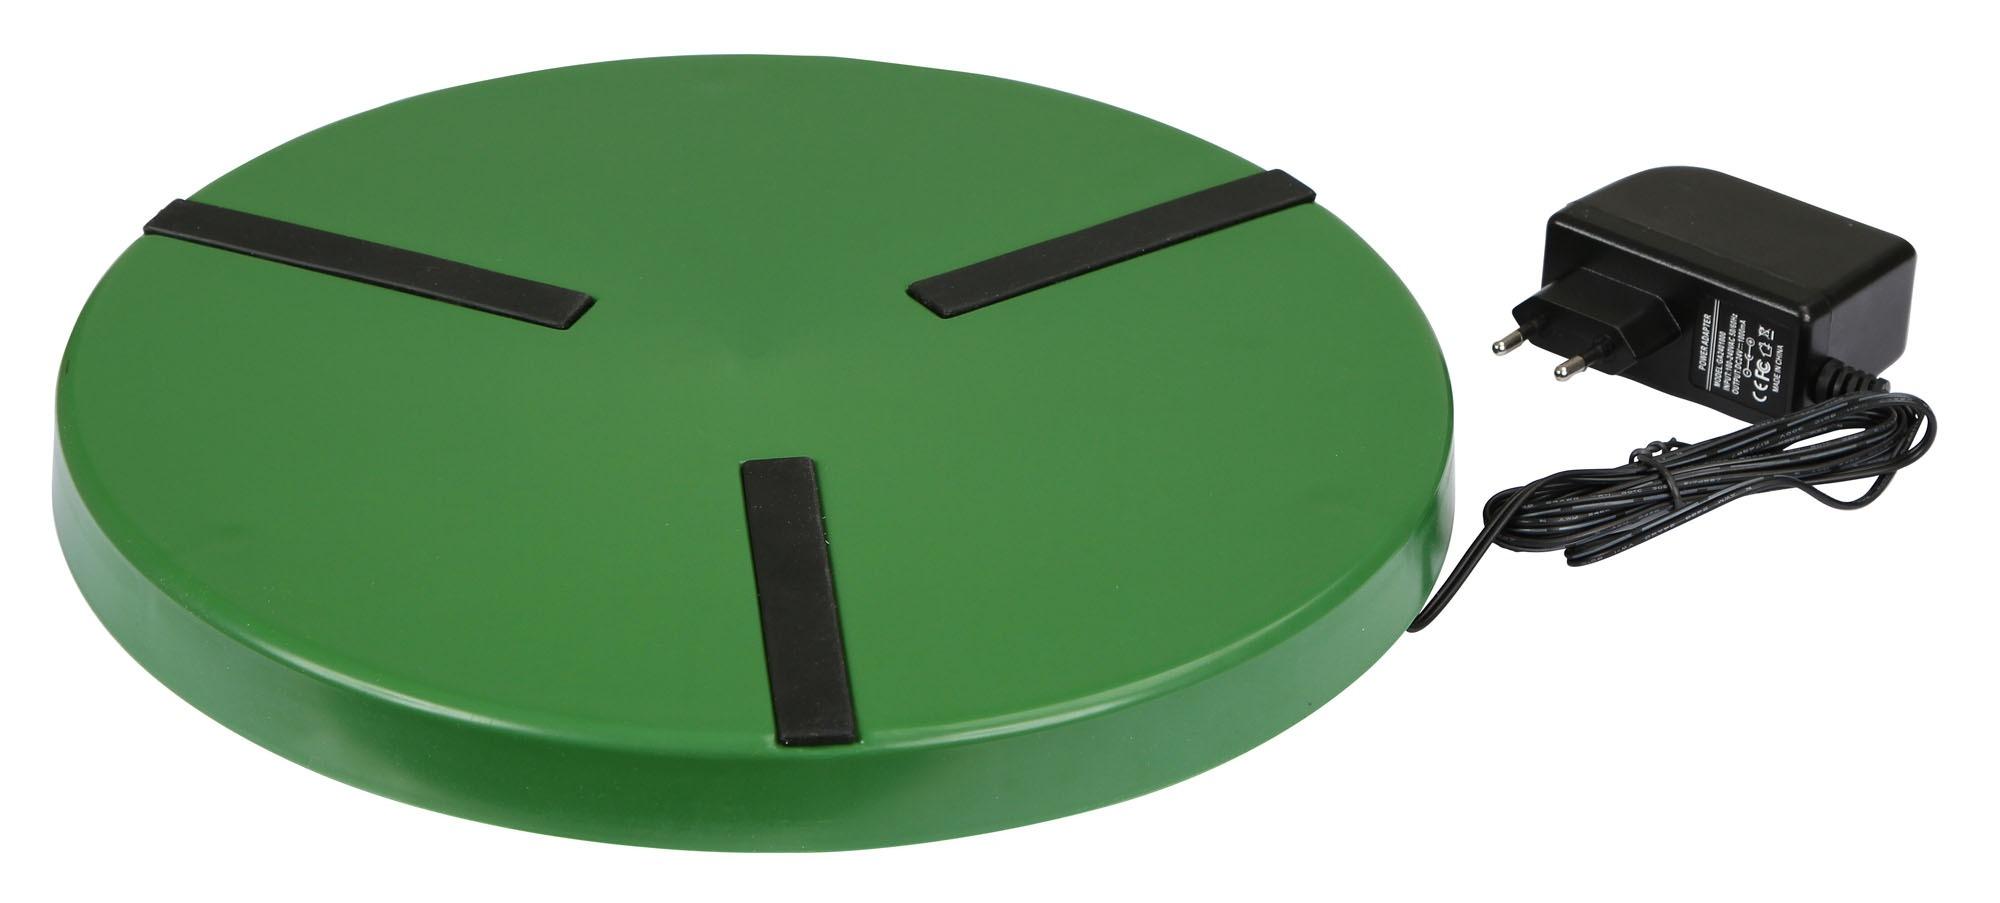 Heizplatte für Geflügeltränke bis 300mm 24 Volt, 22 Watt - Wärmeplatte